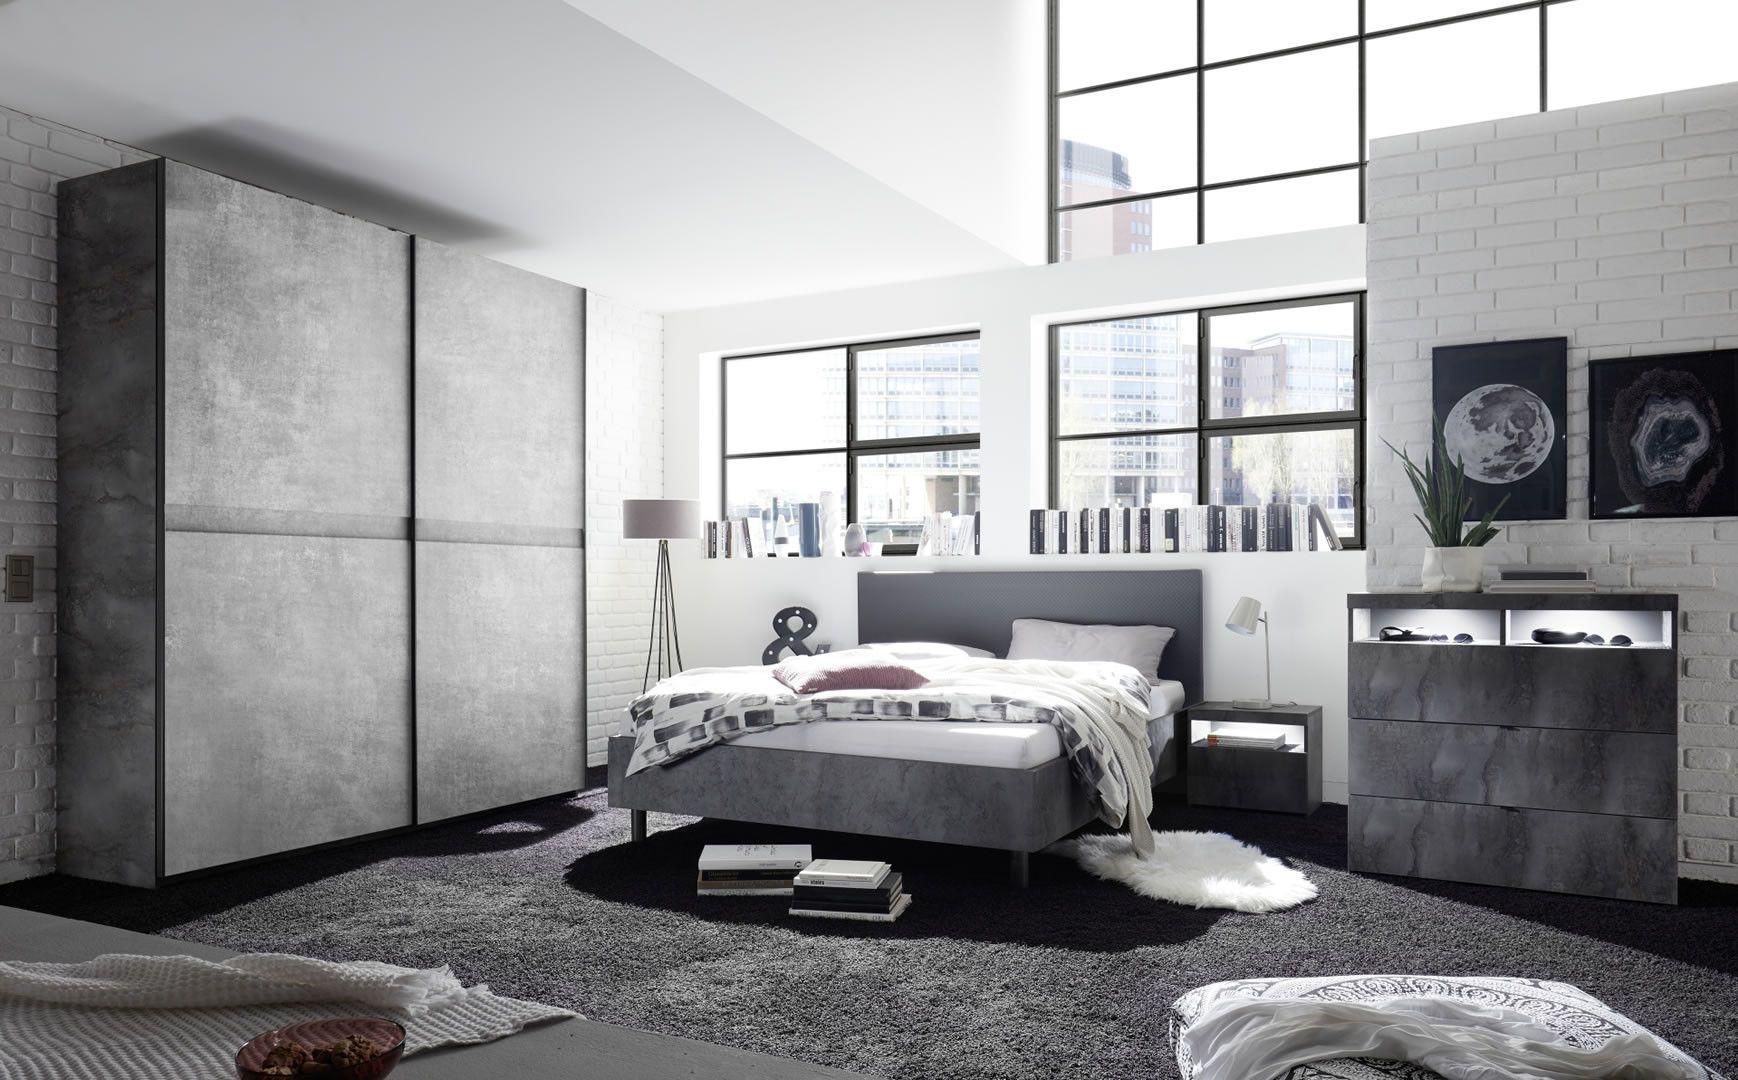 Chambres complète adulte - Chambre à coucher adulte contemporaine ...